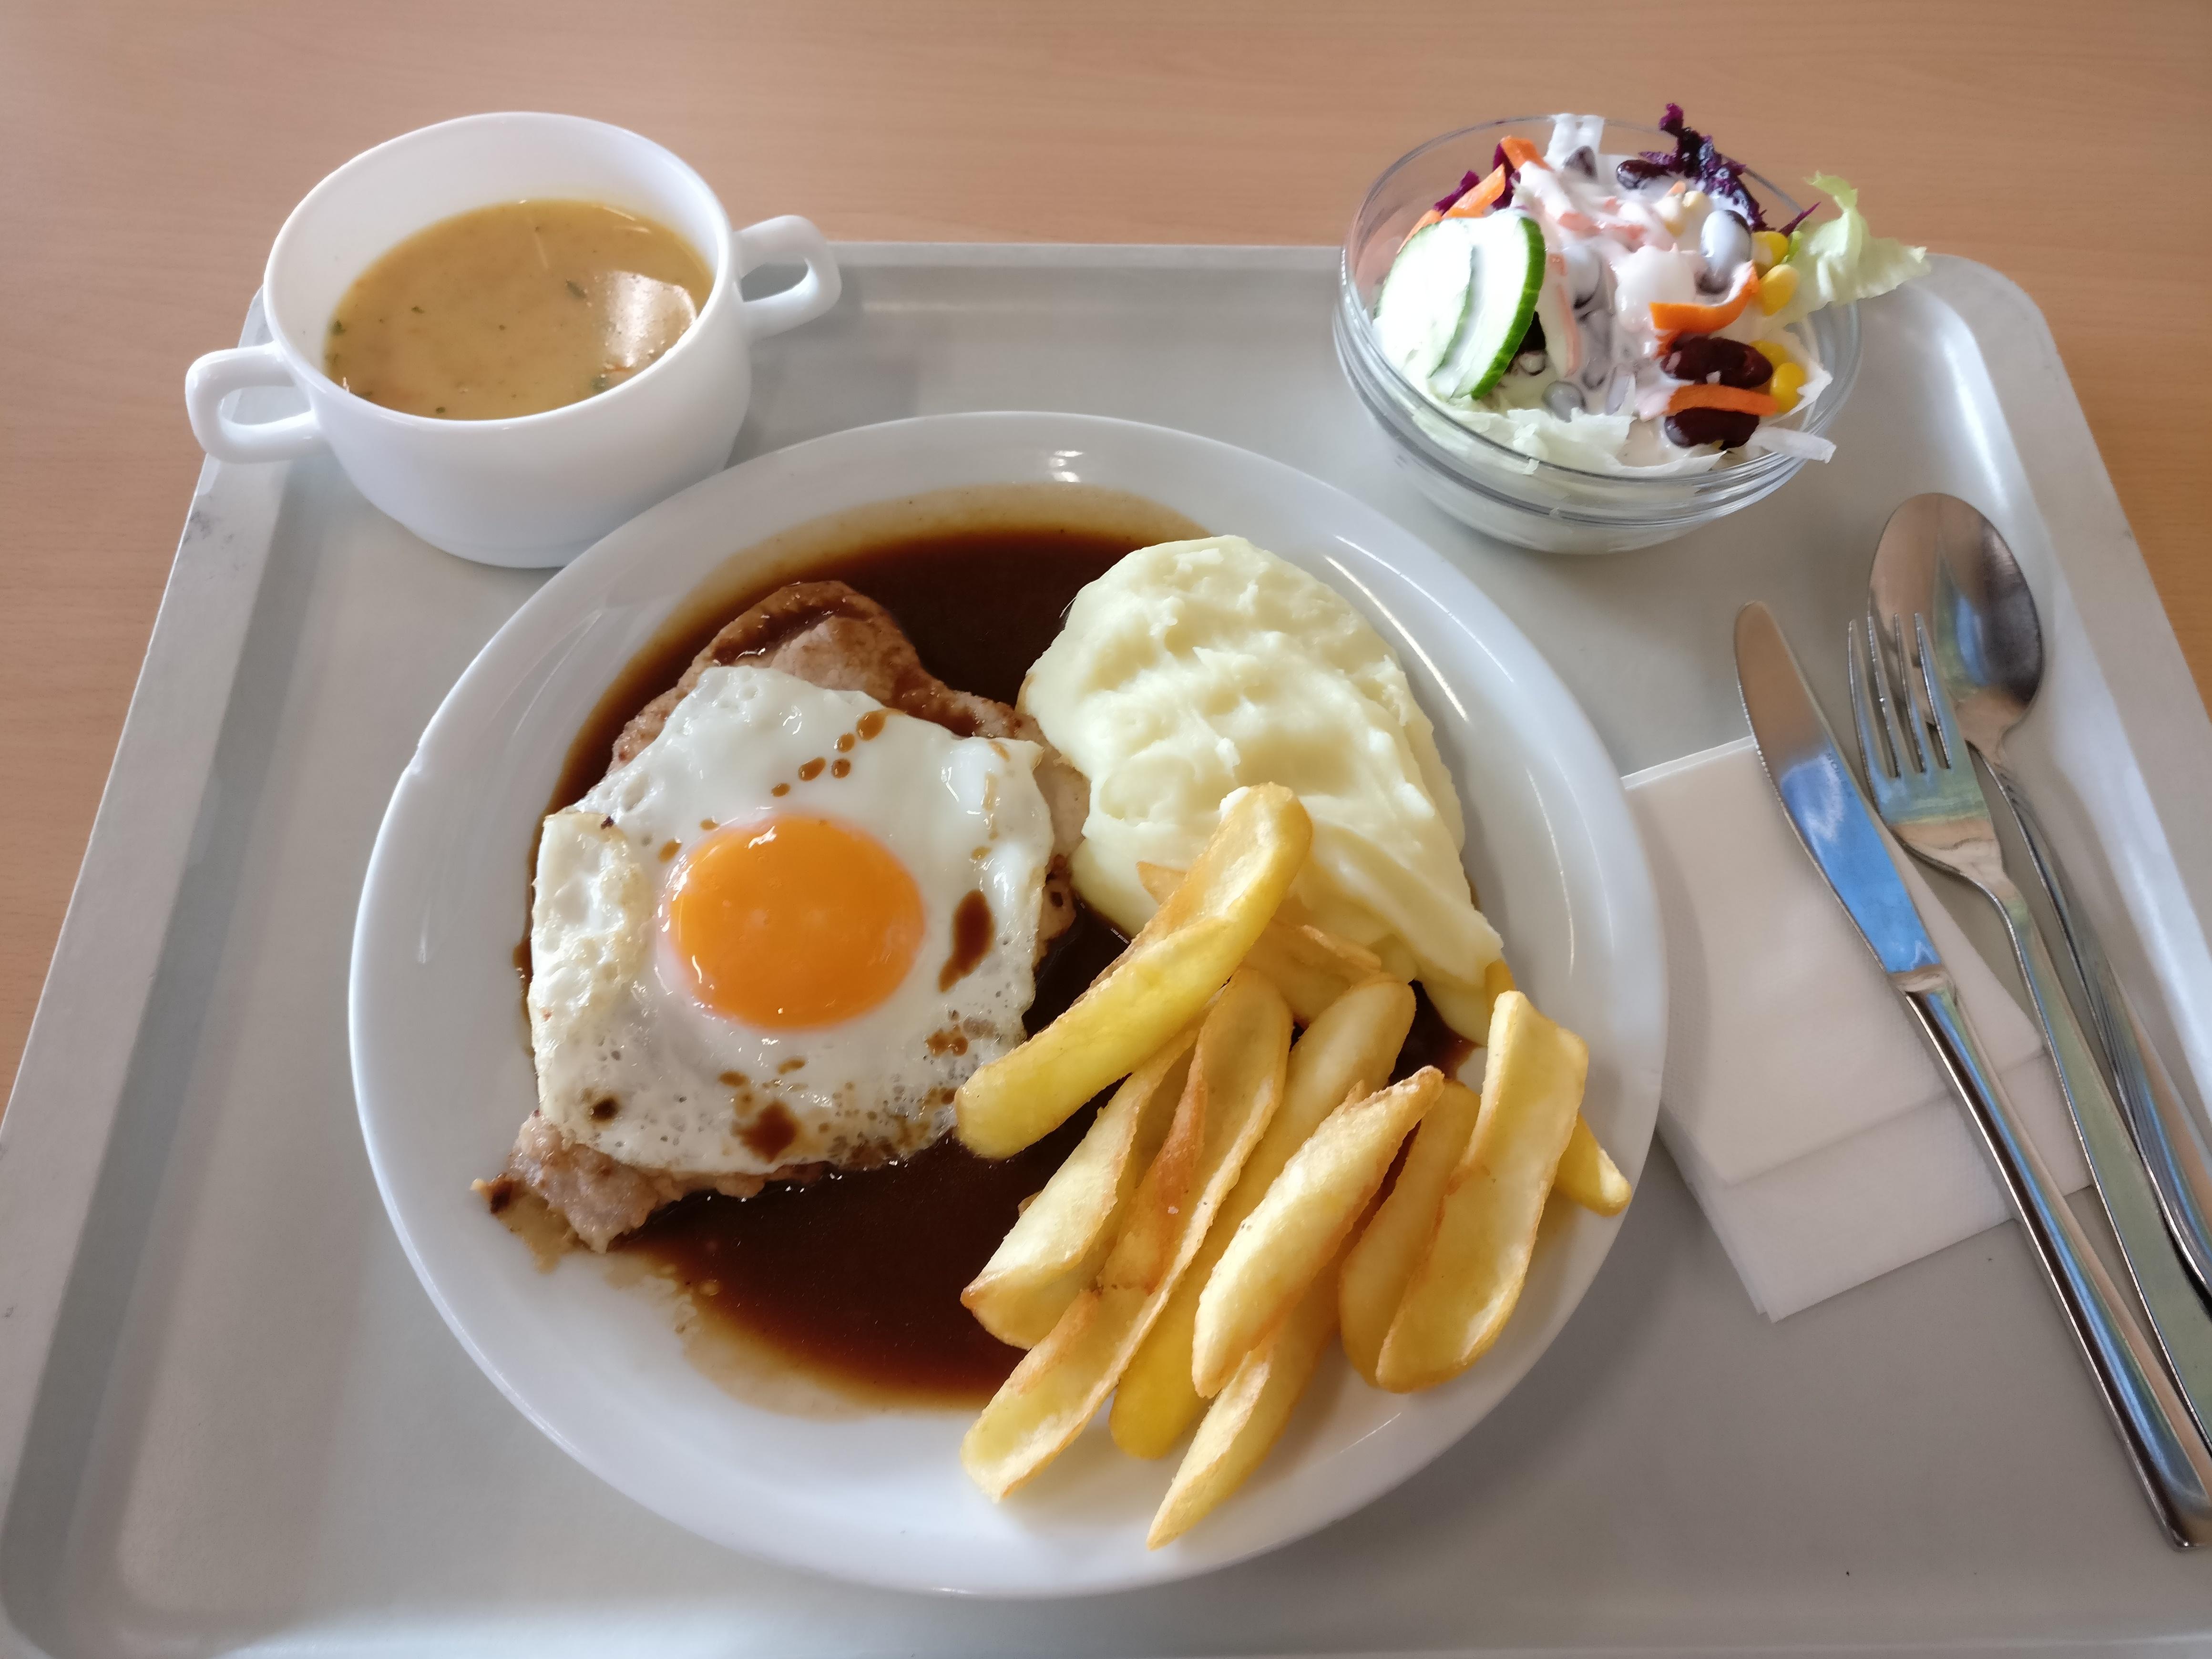 https://foodloader.net/nico_2016-12-21_schweinesteak-spiegelei-kartoffelpuree-pommes-suppe-salat.jpg